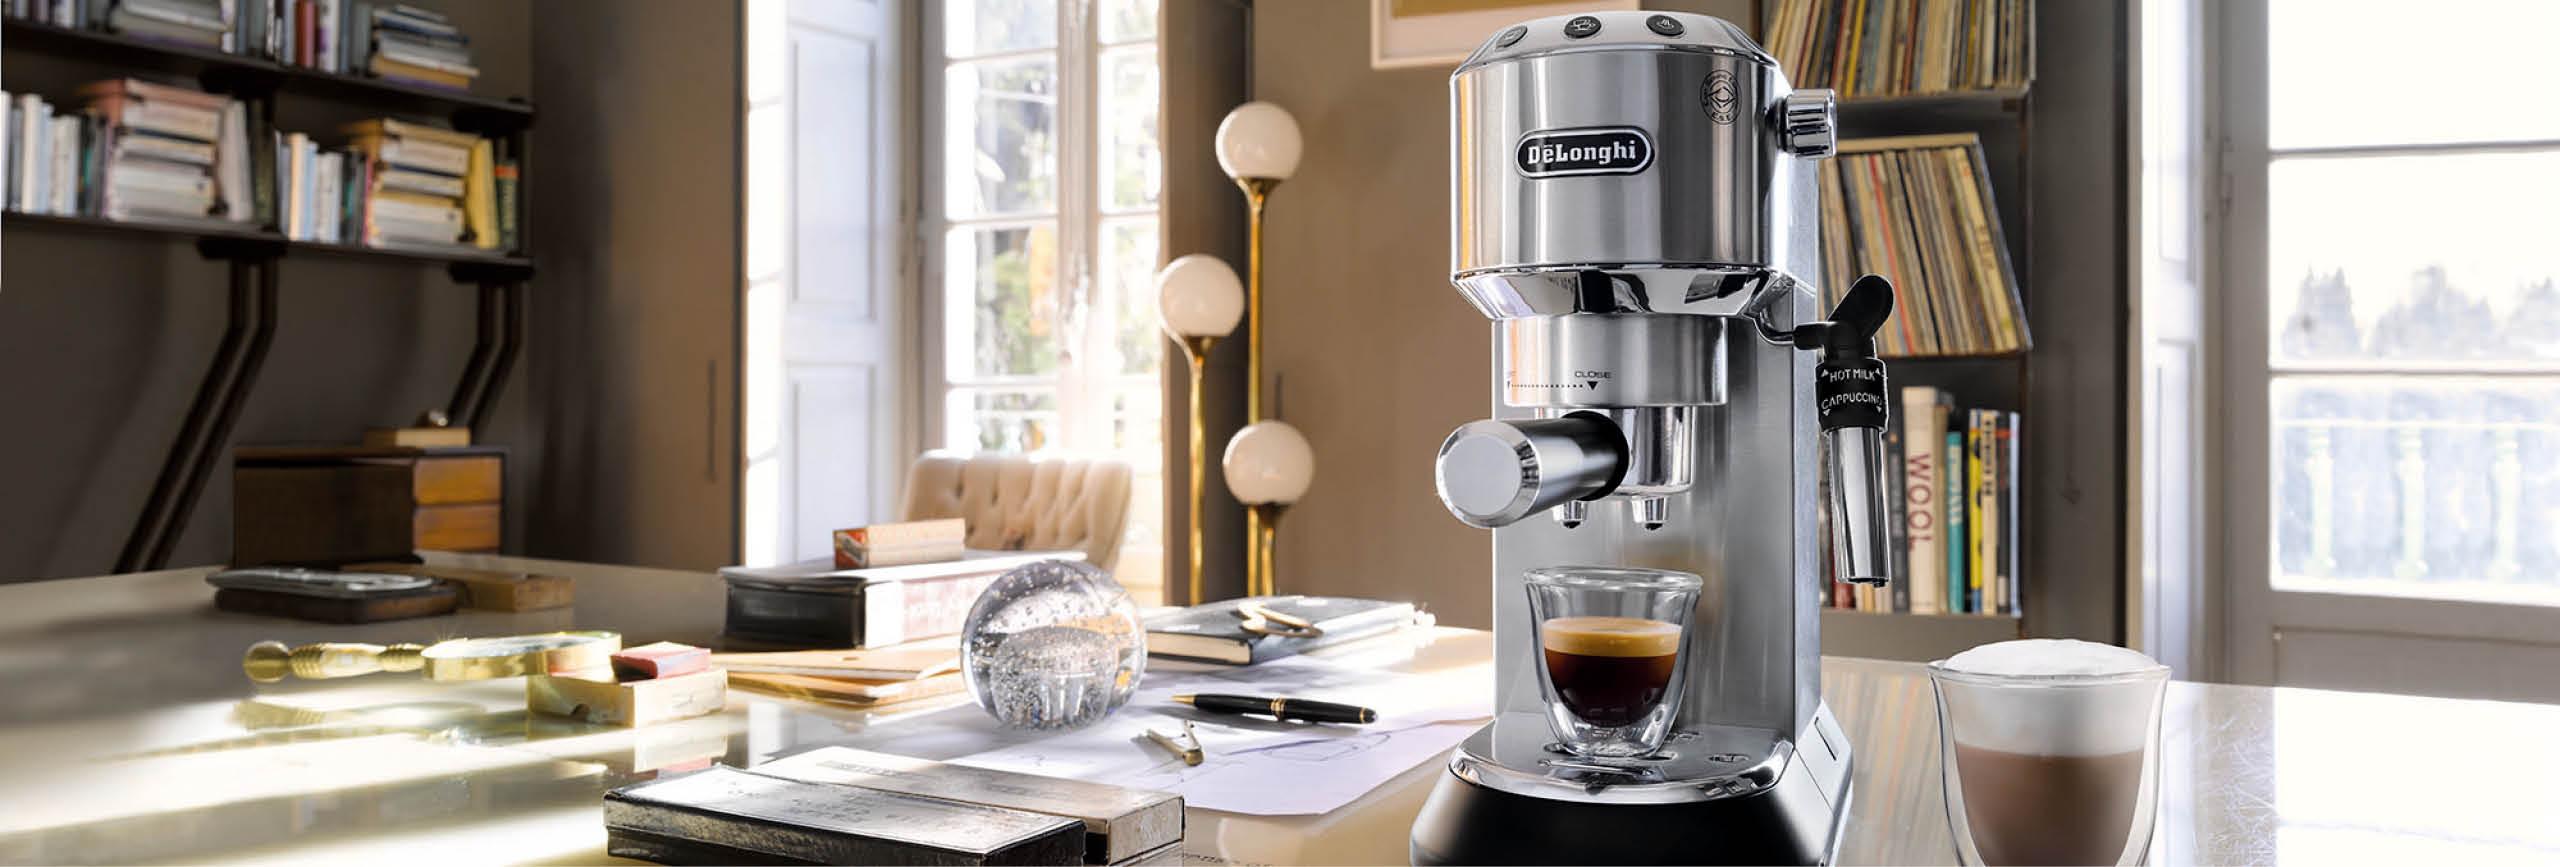 Kaffeemaschine, Gläser und Bohnen von De'Longhi